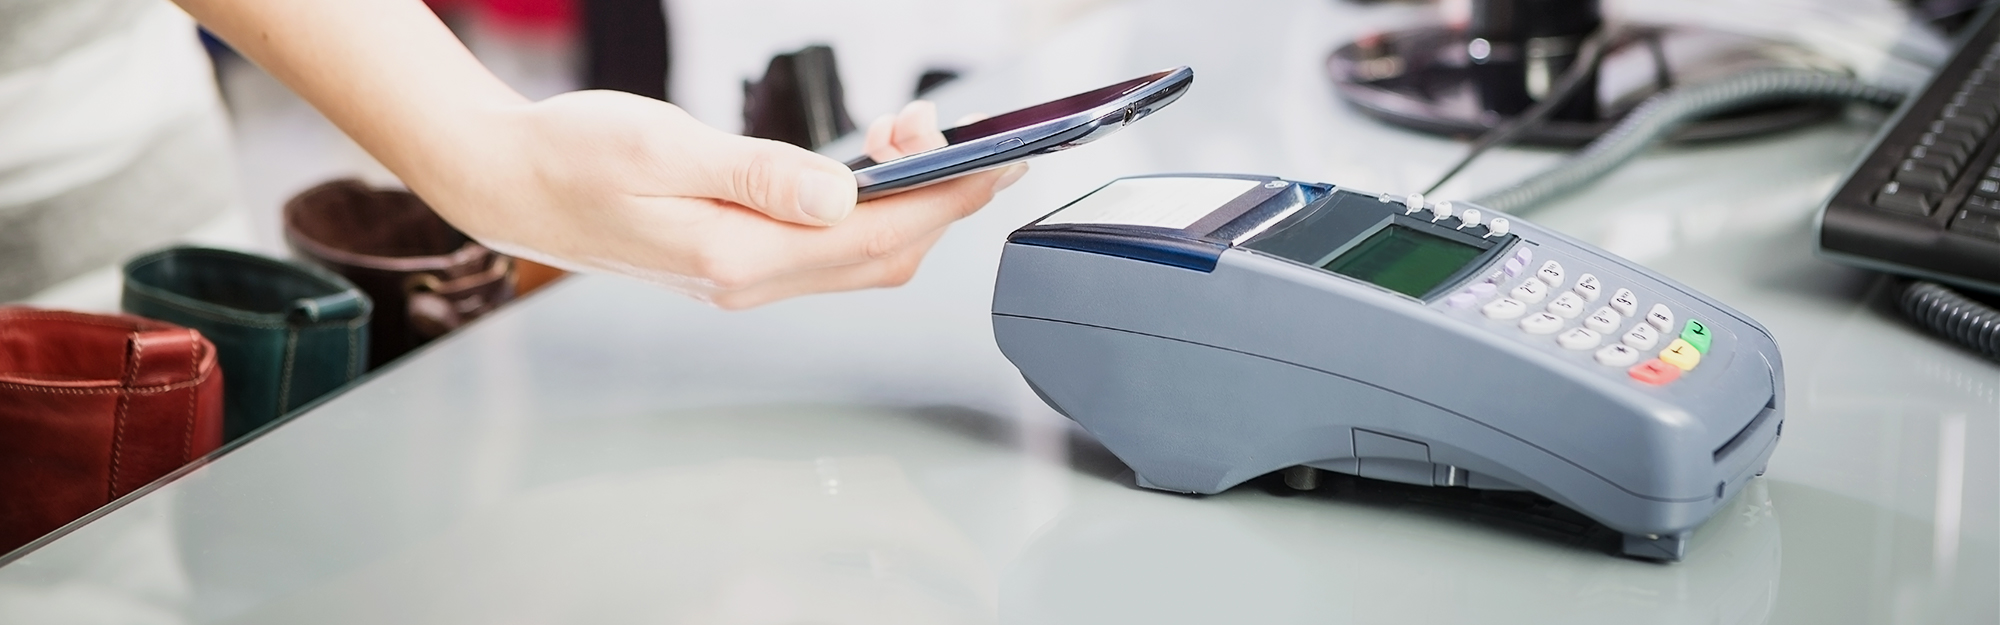 Digital Payment, User Experience e PSD2: nuove sfide e opportunità per le banche tradizionali